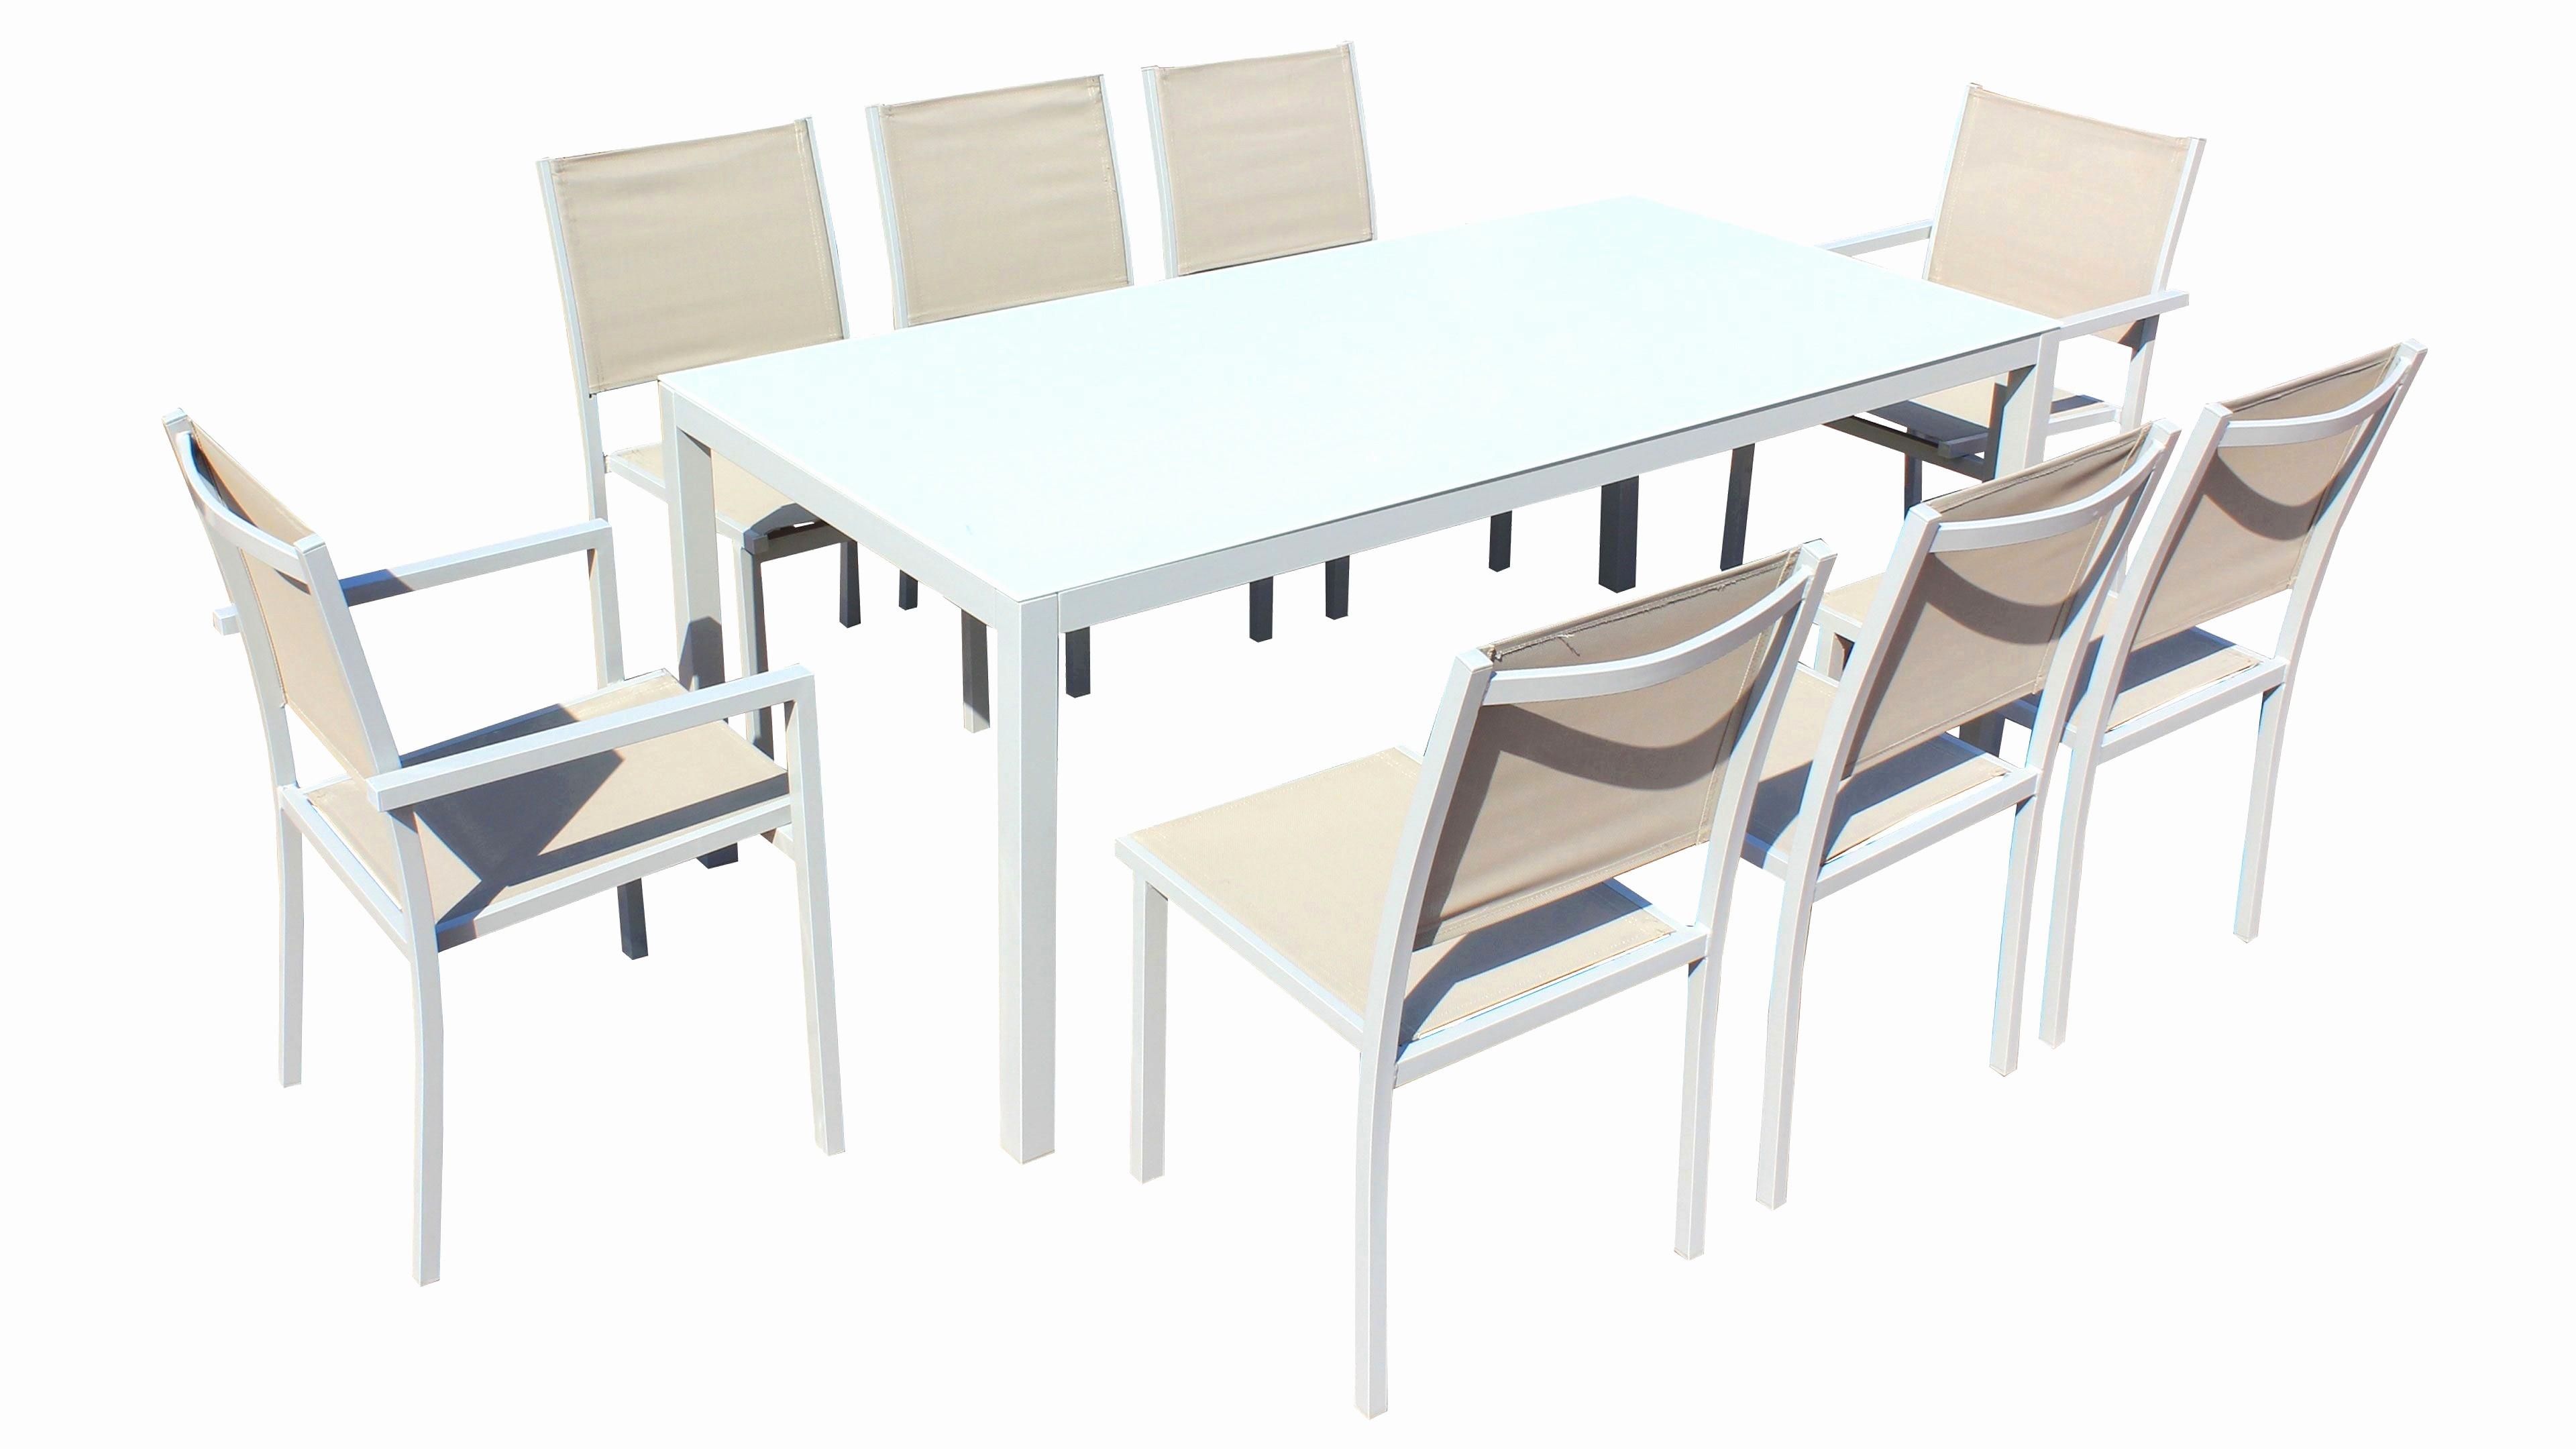 Canape Convertible Auchan Beau Collection Table De Jardin Avec Rallonge Table Jardin Chaises Protege Chaise 0d